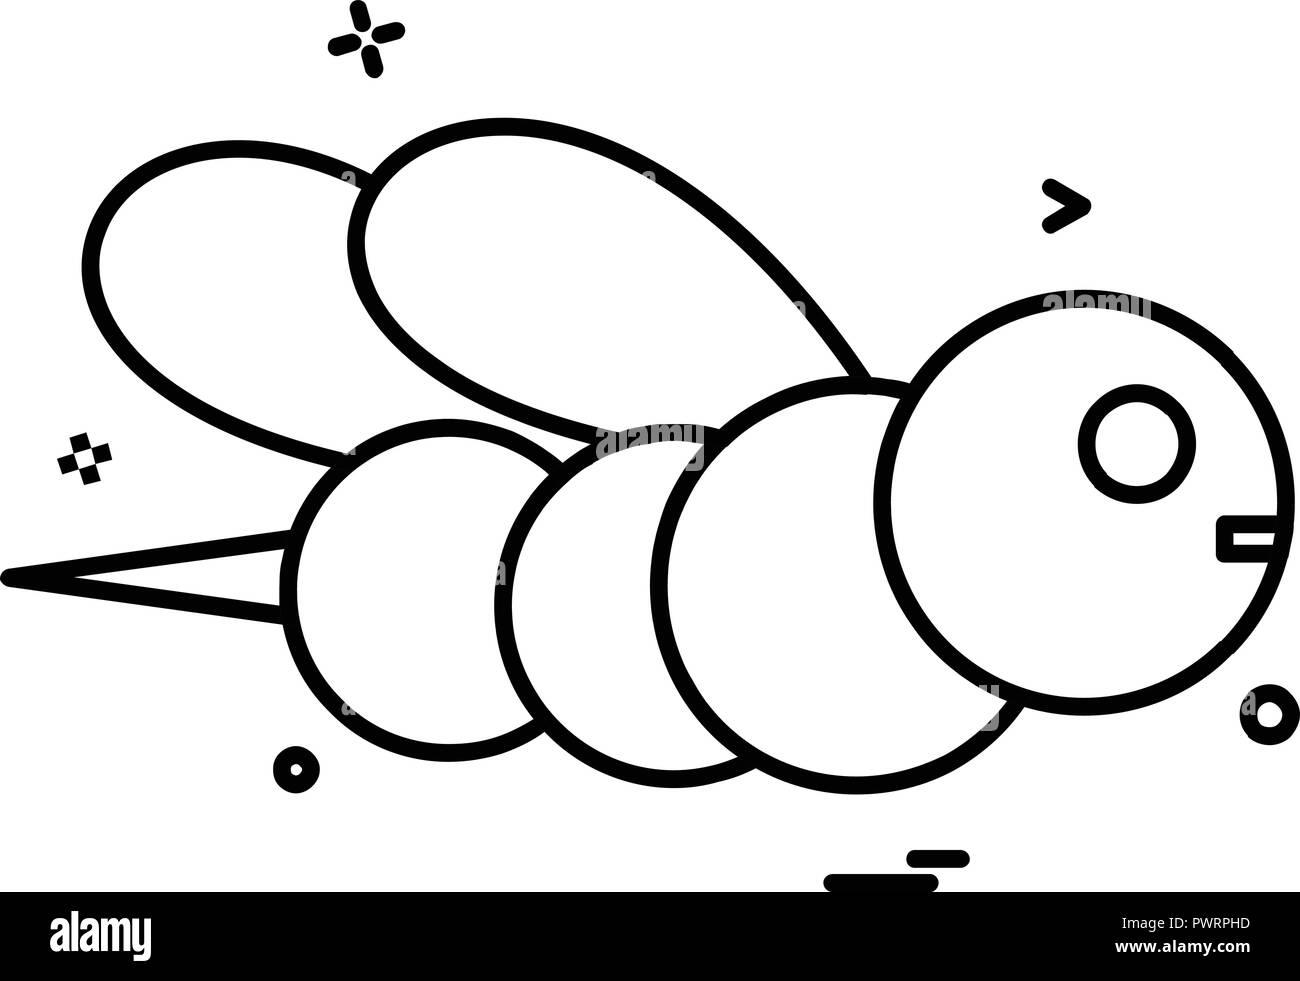 Honey bee icon design vector - Stock Image